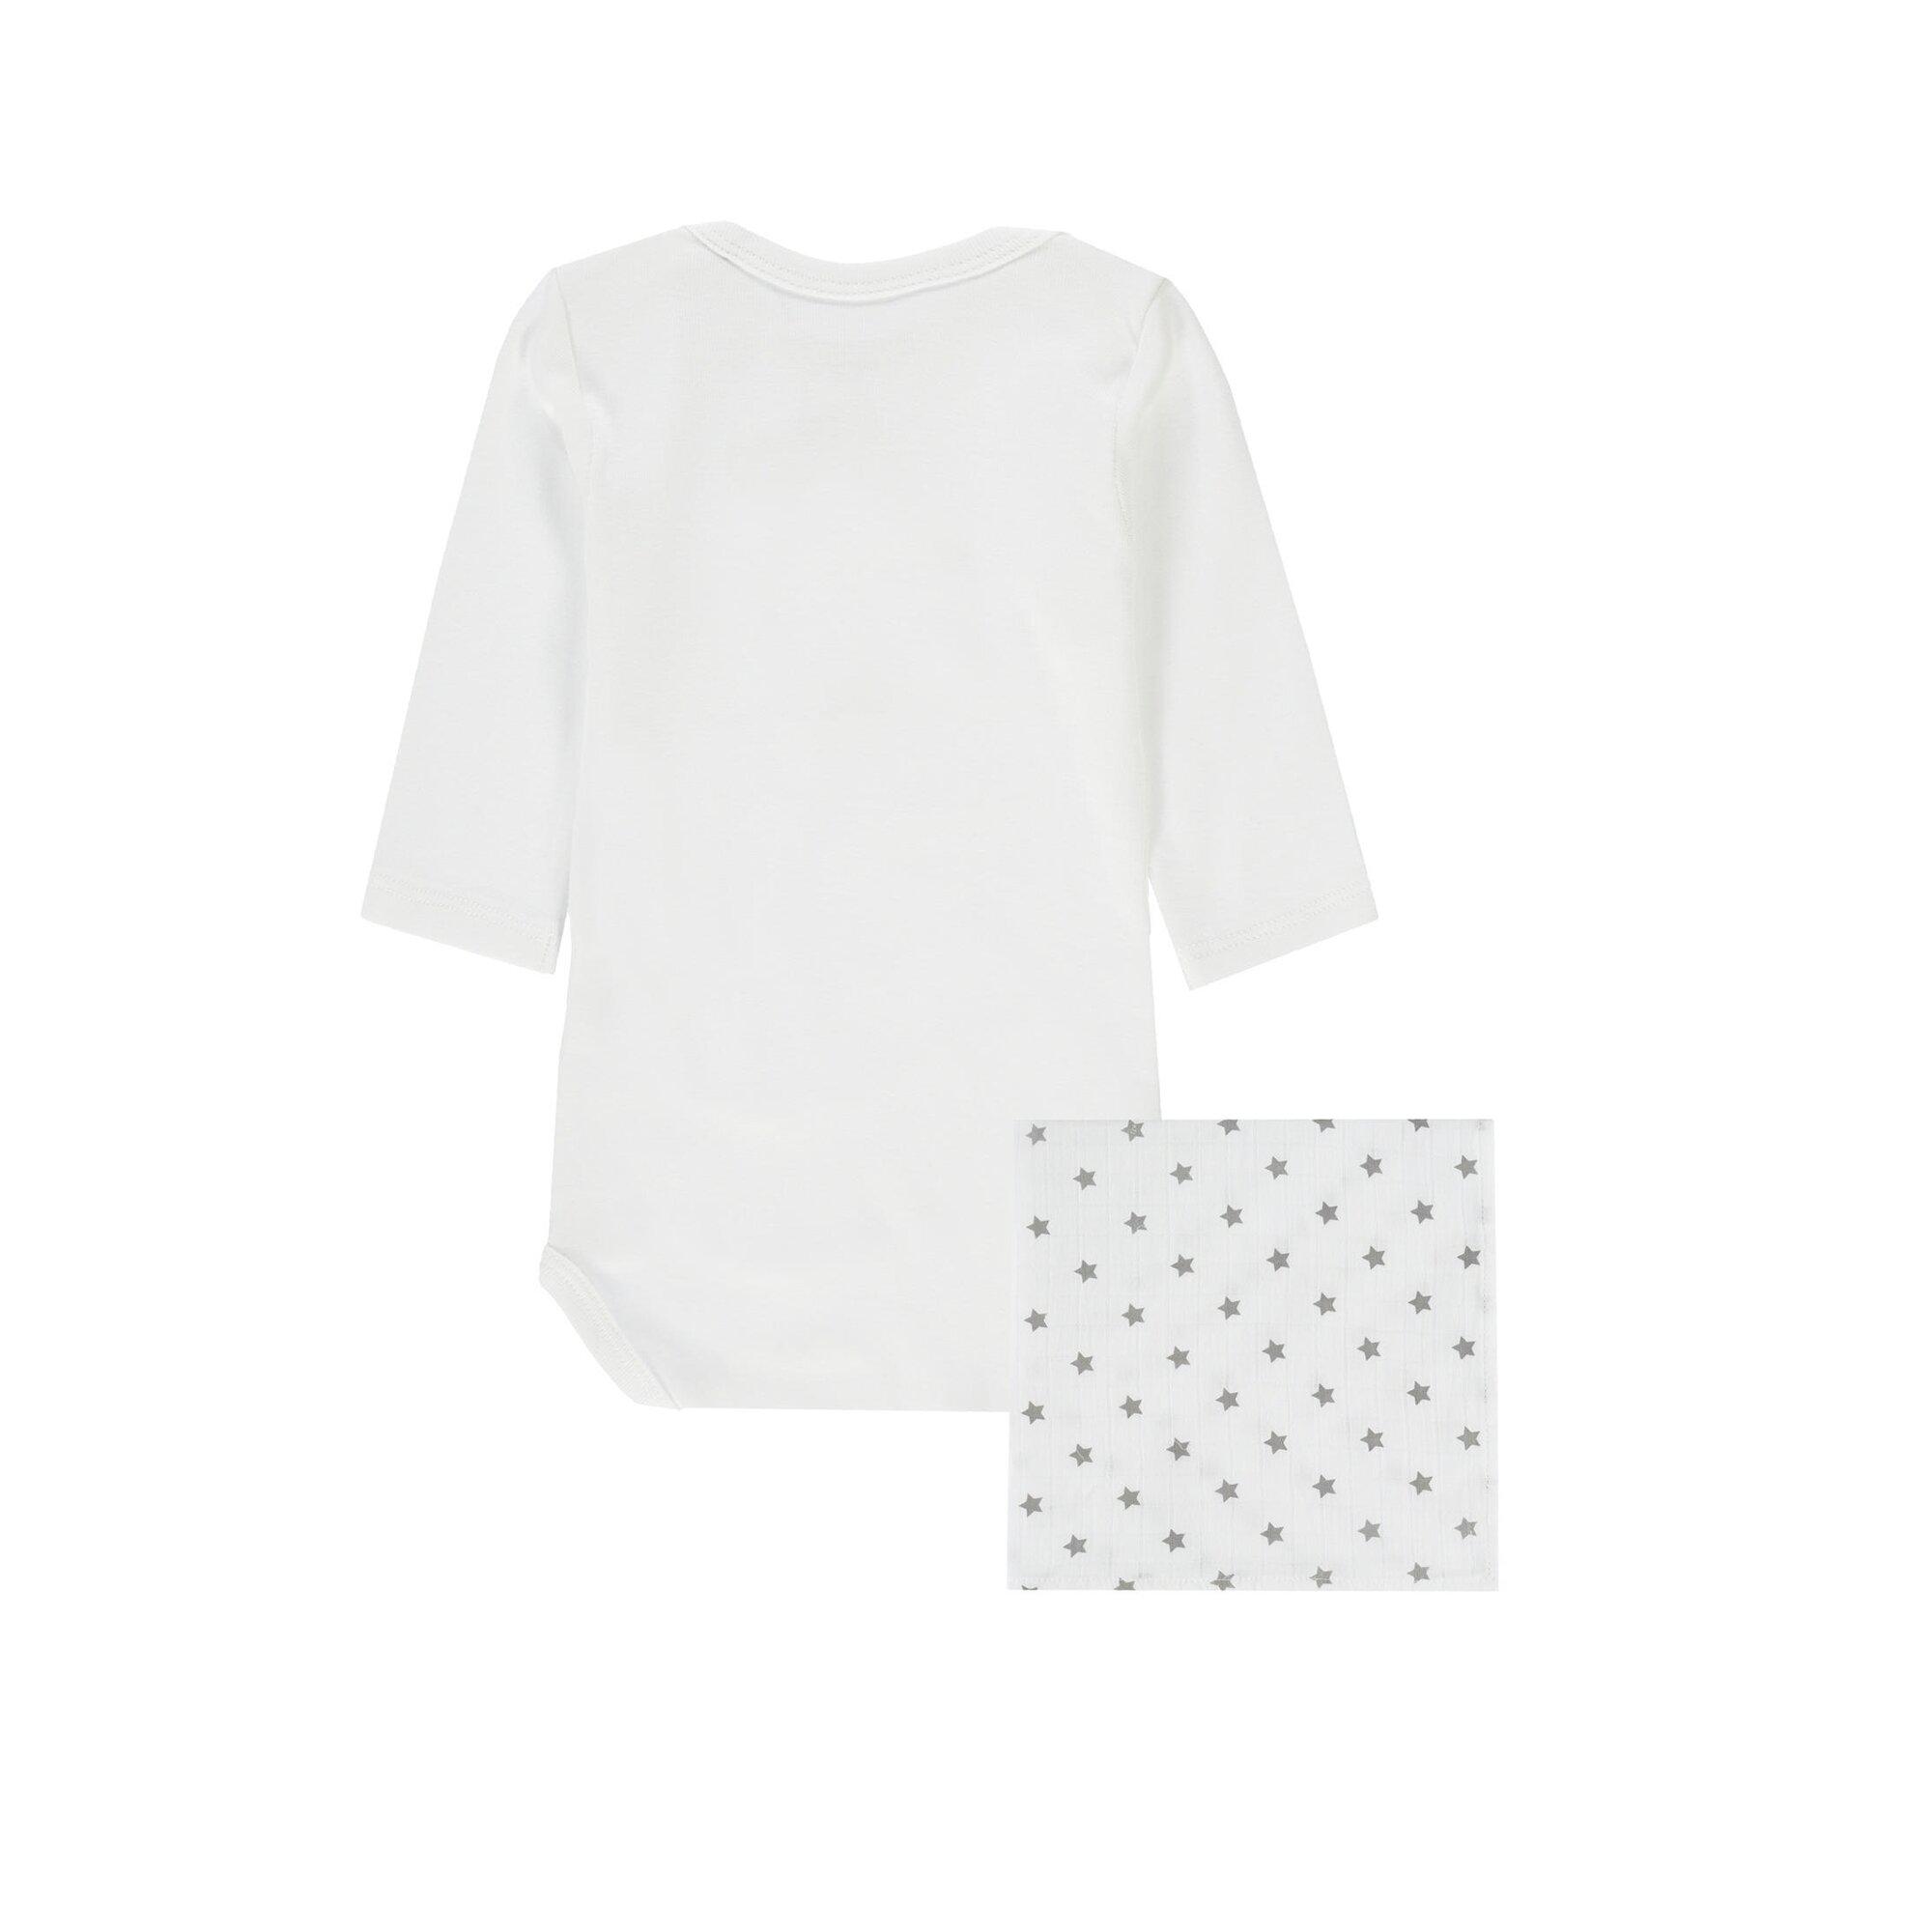 bellybutton-geschenkeset-body-mit-stofftuch, 24.95 EUR @ babywalz-de